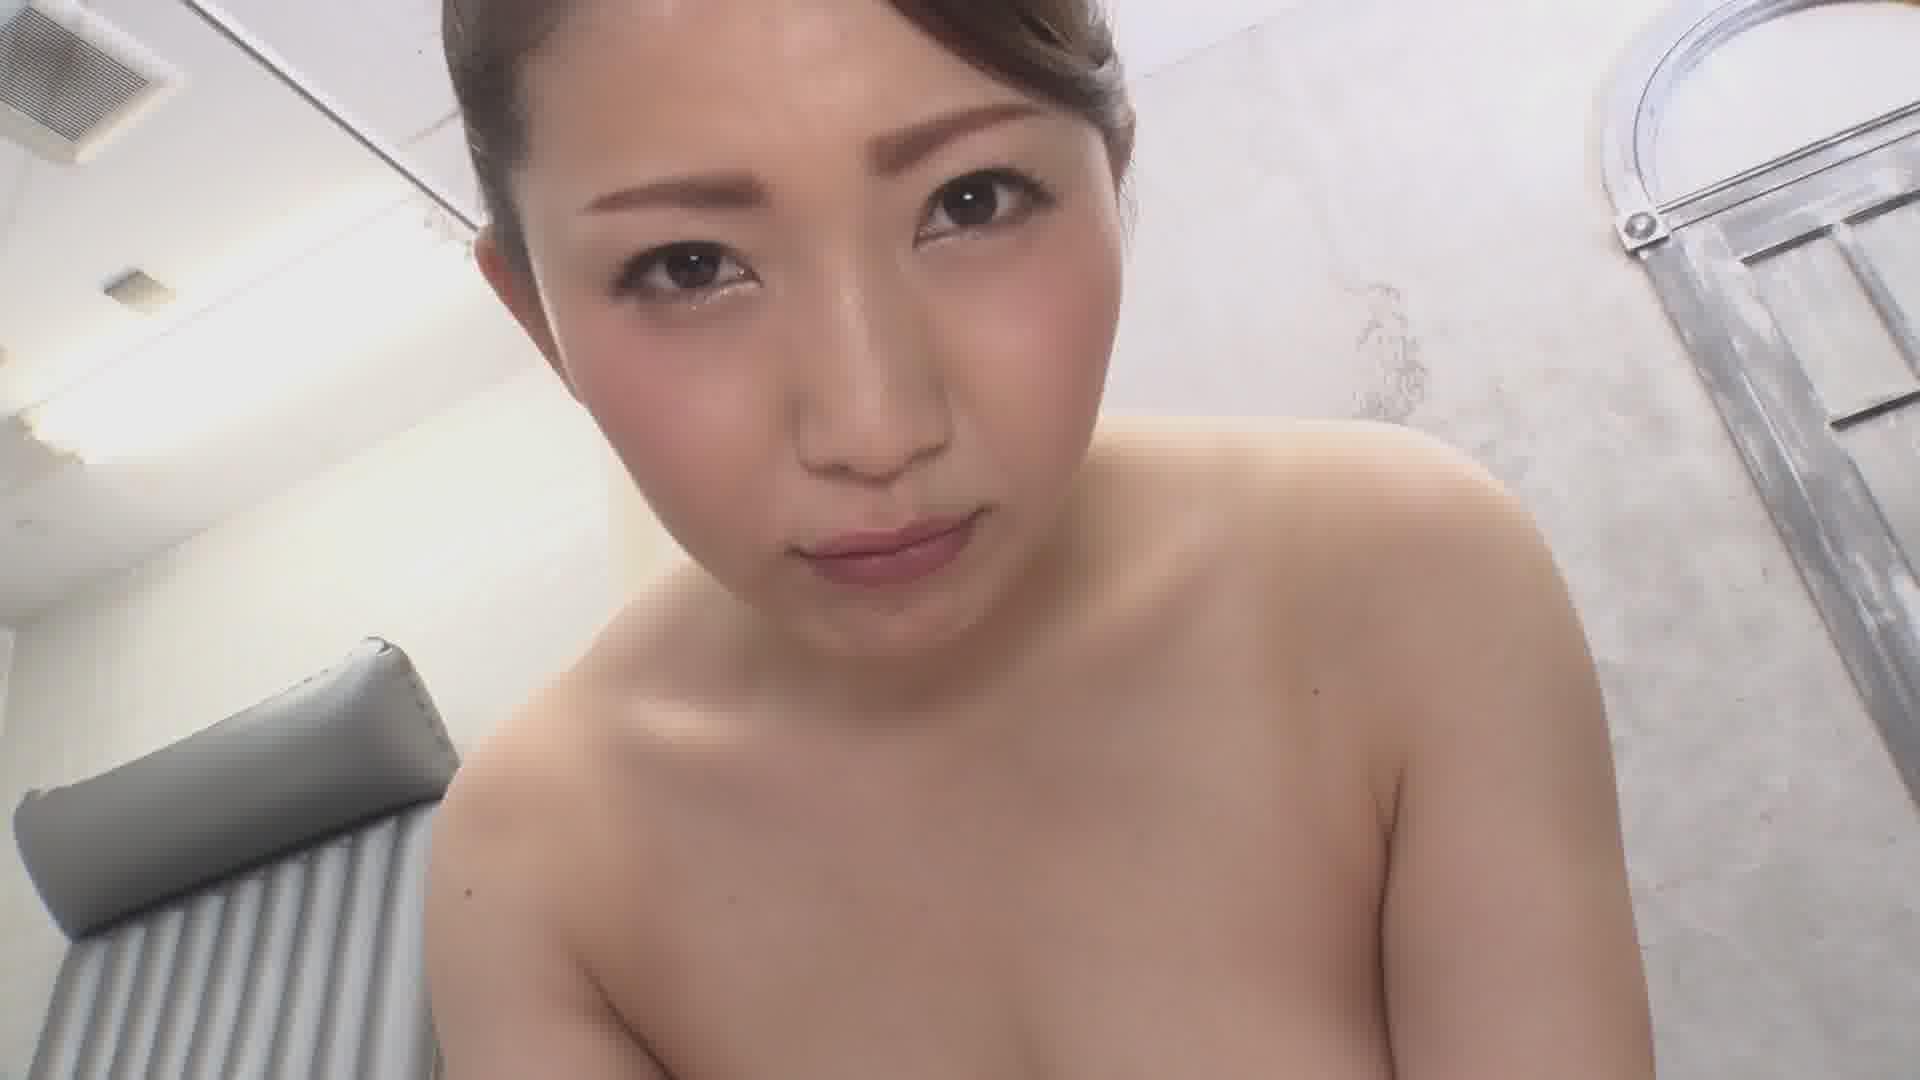 極上泡姫物語 Vol.82 - 彩月あかり【巨乳・パイパン・隠語】